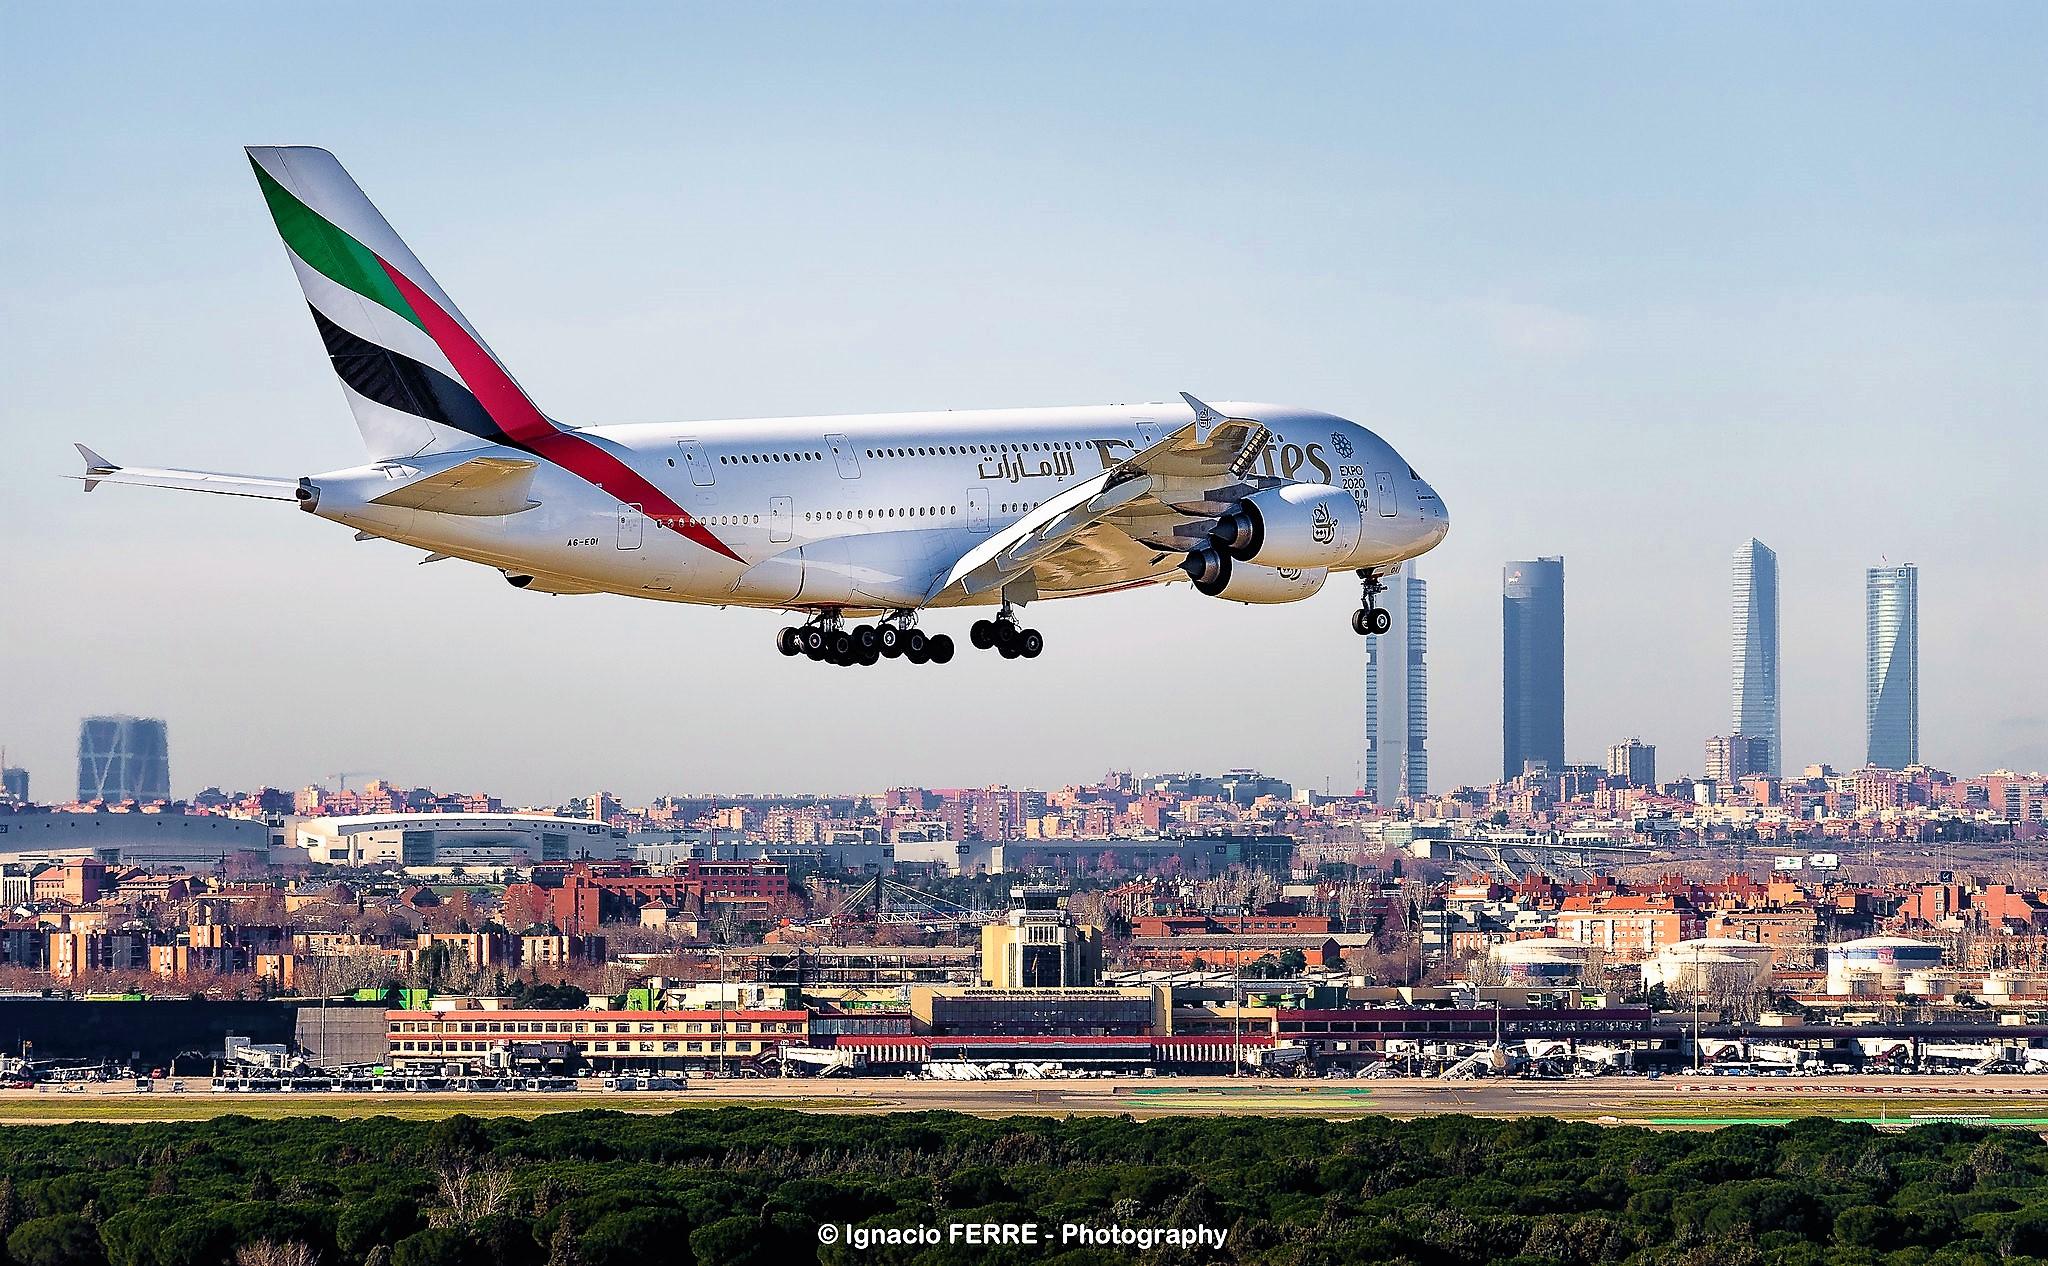 Espagne-Madrid-aeroperto